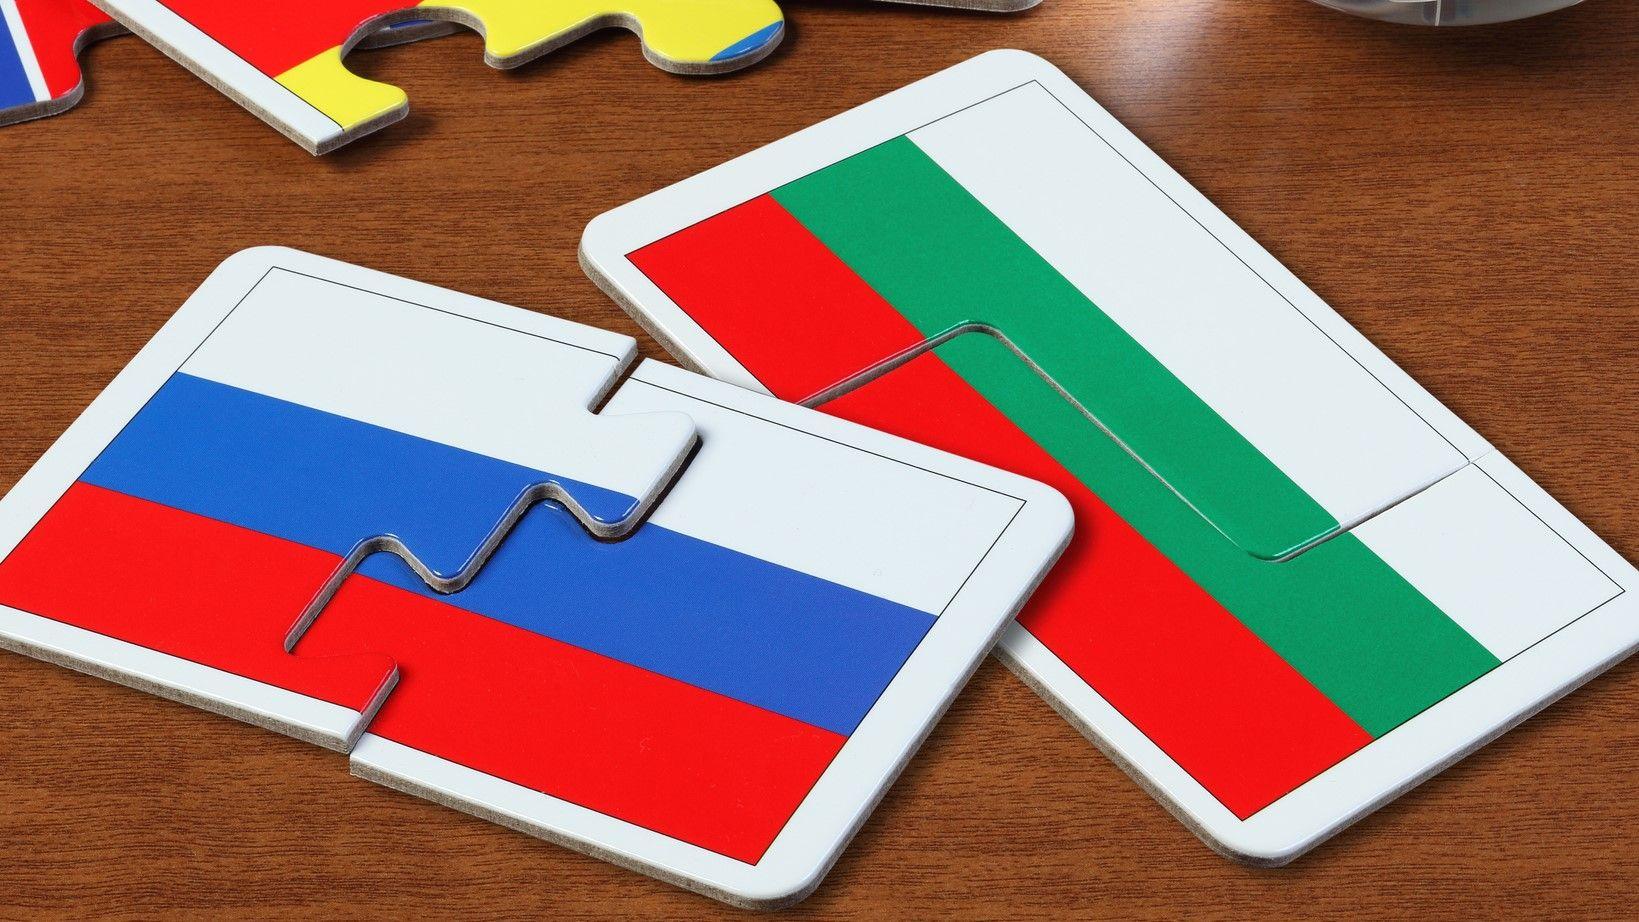 Провокация към Москва ли е изгонването на руски дипломати?